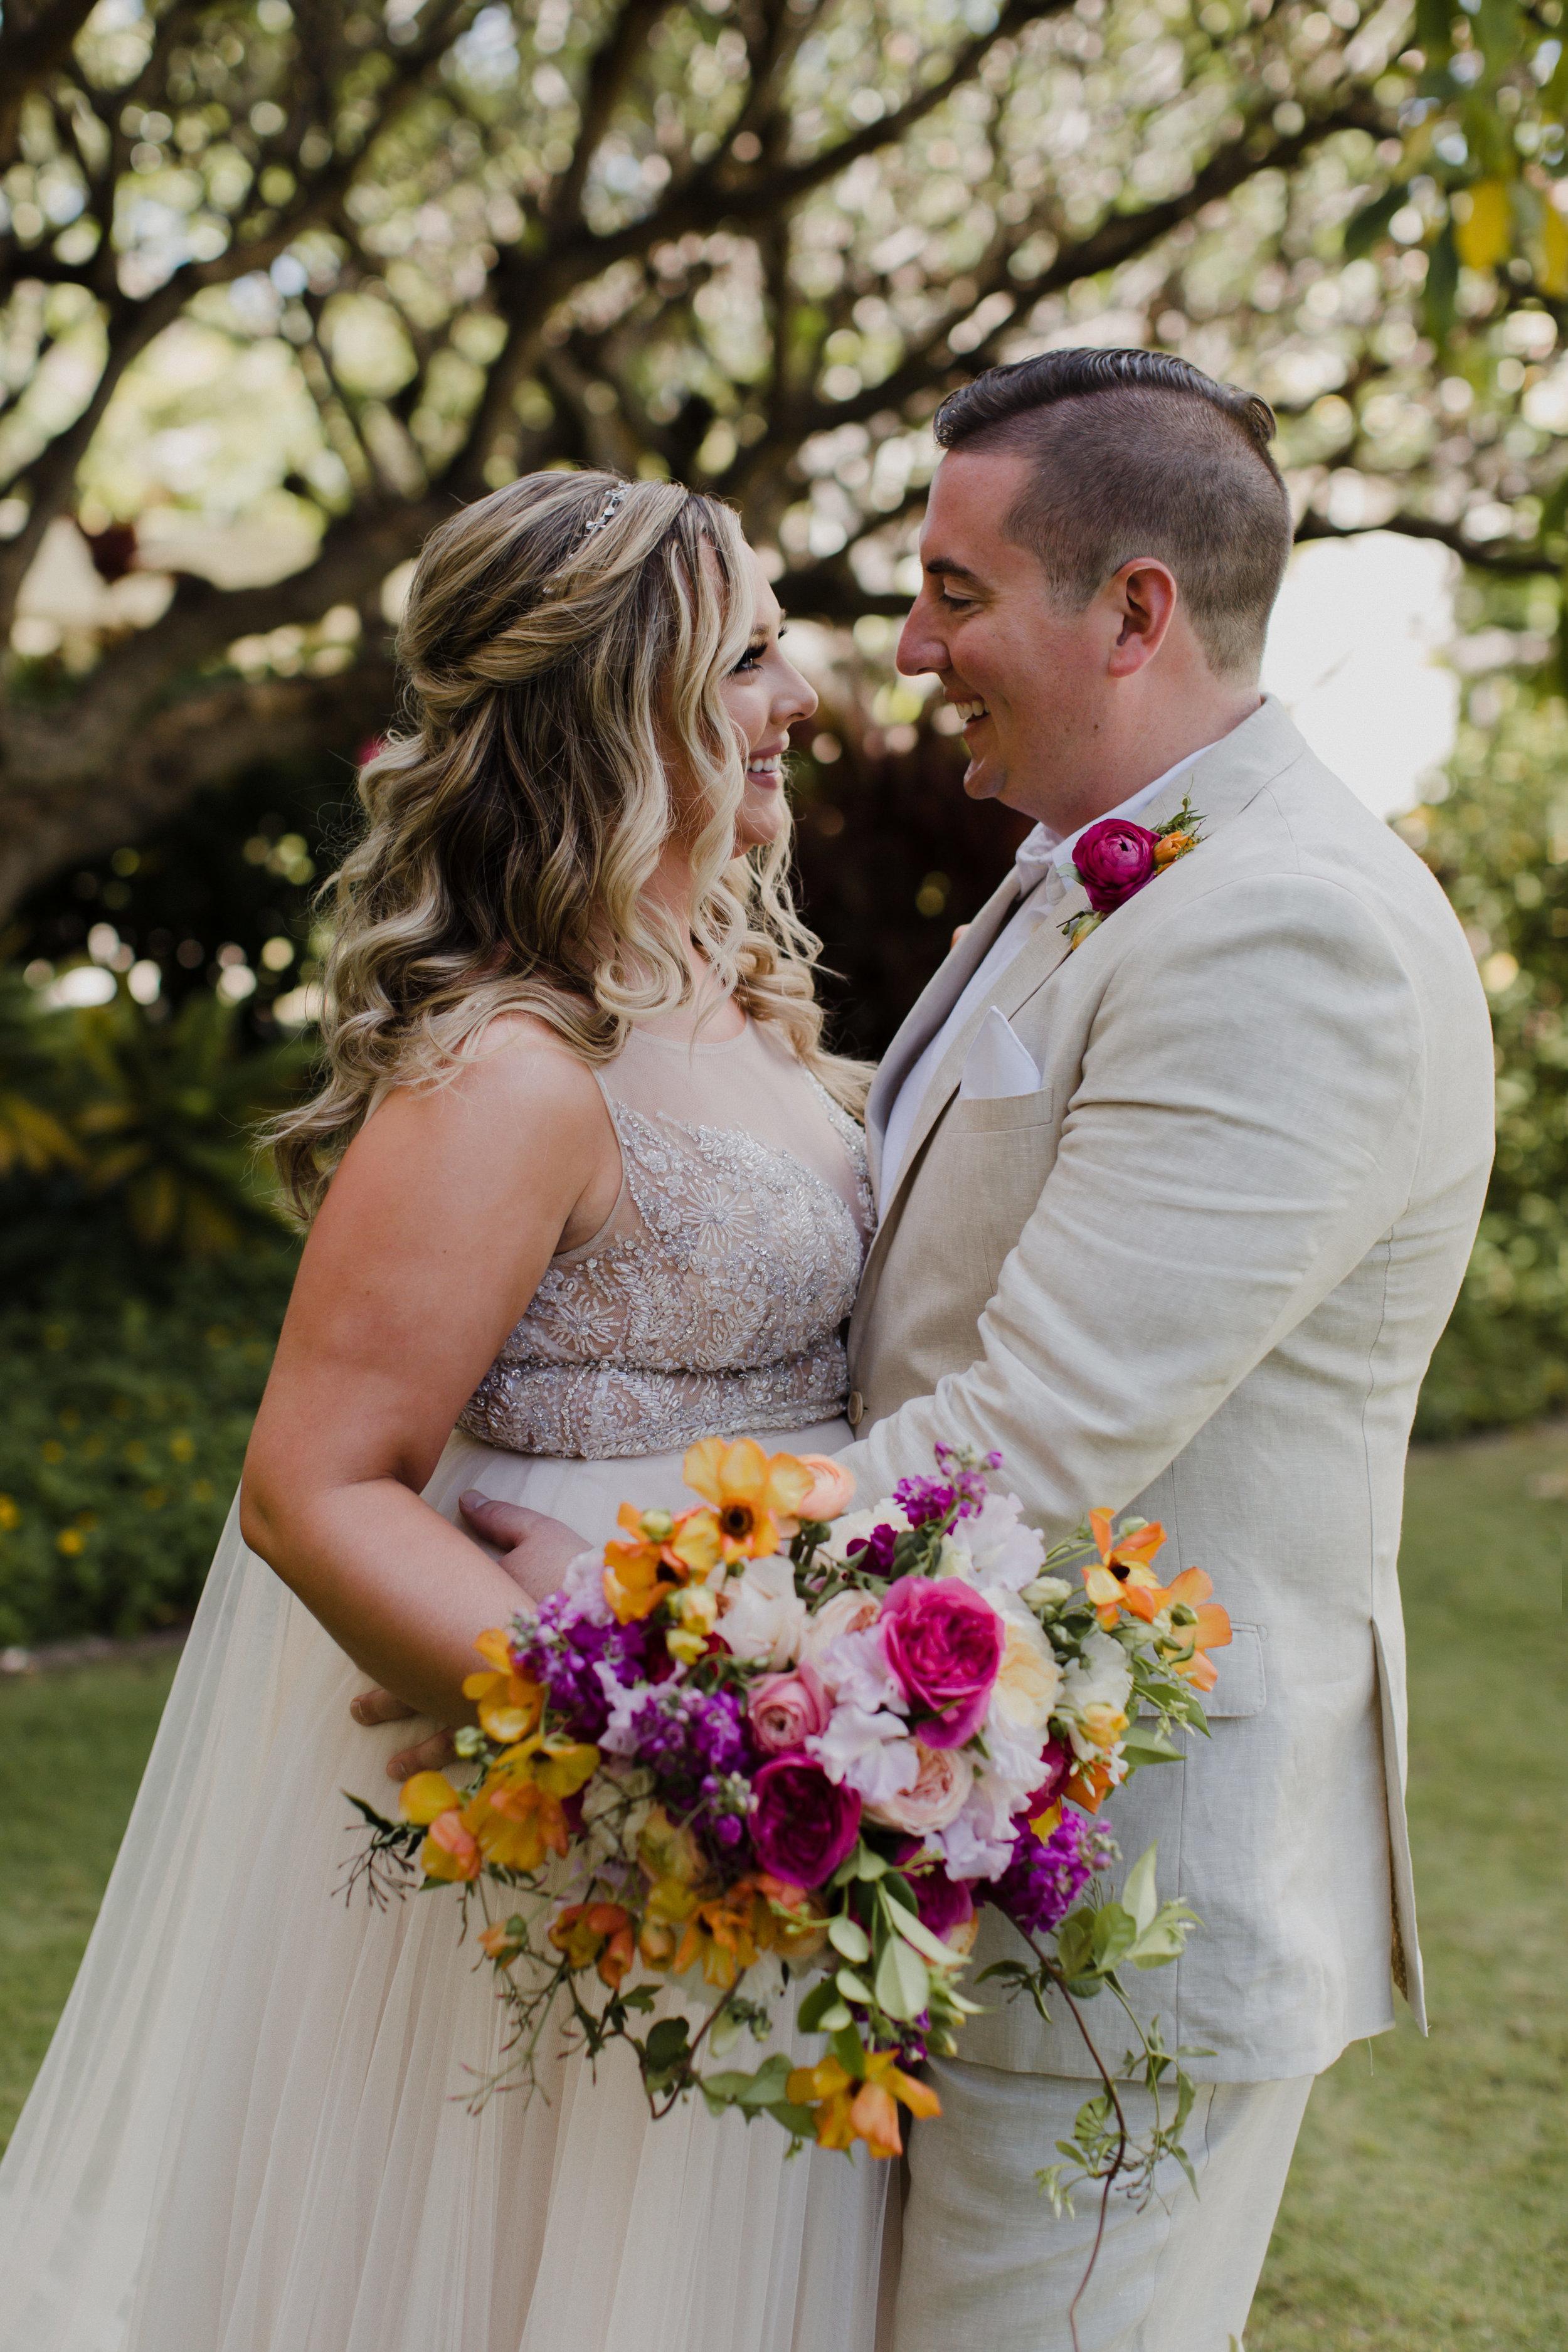 Stephanie-Betsill-Photography-Maui-Photographer-Hawaii-Wedding-Photographer--4.jpg